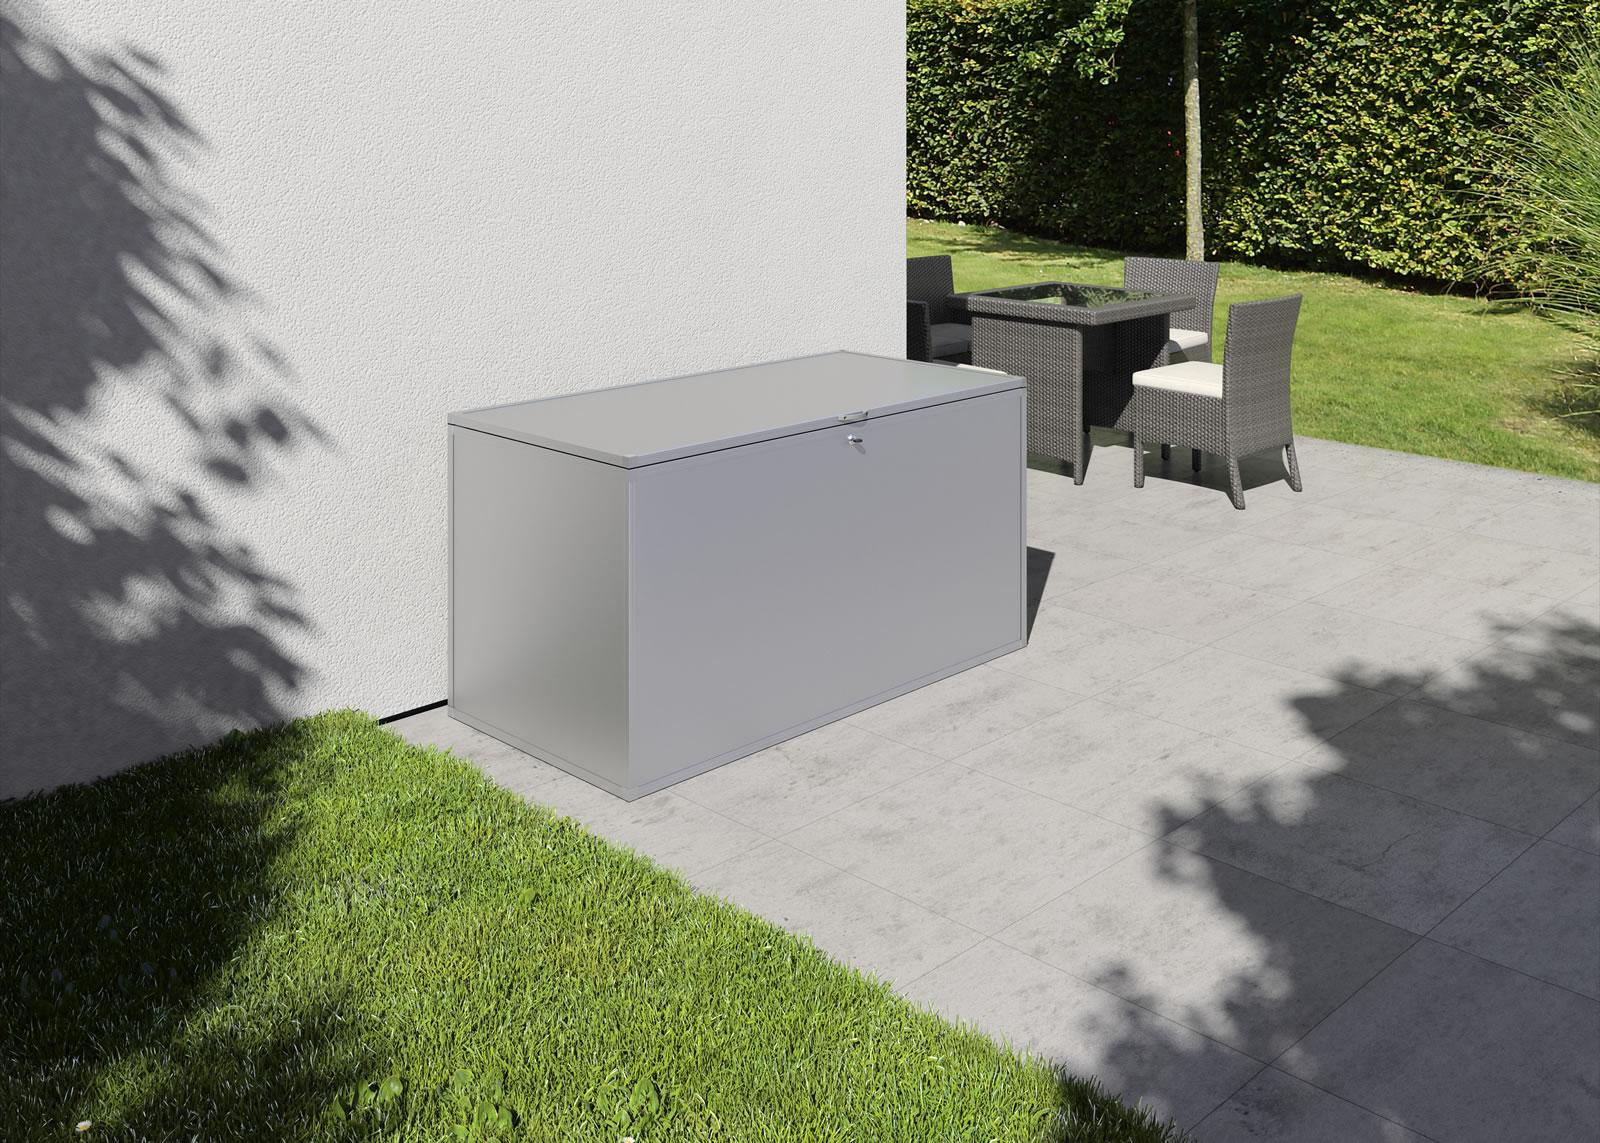 Gartenbox M - silber